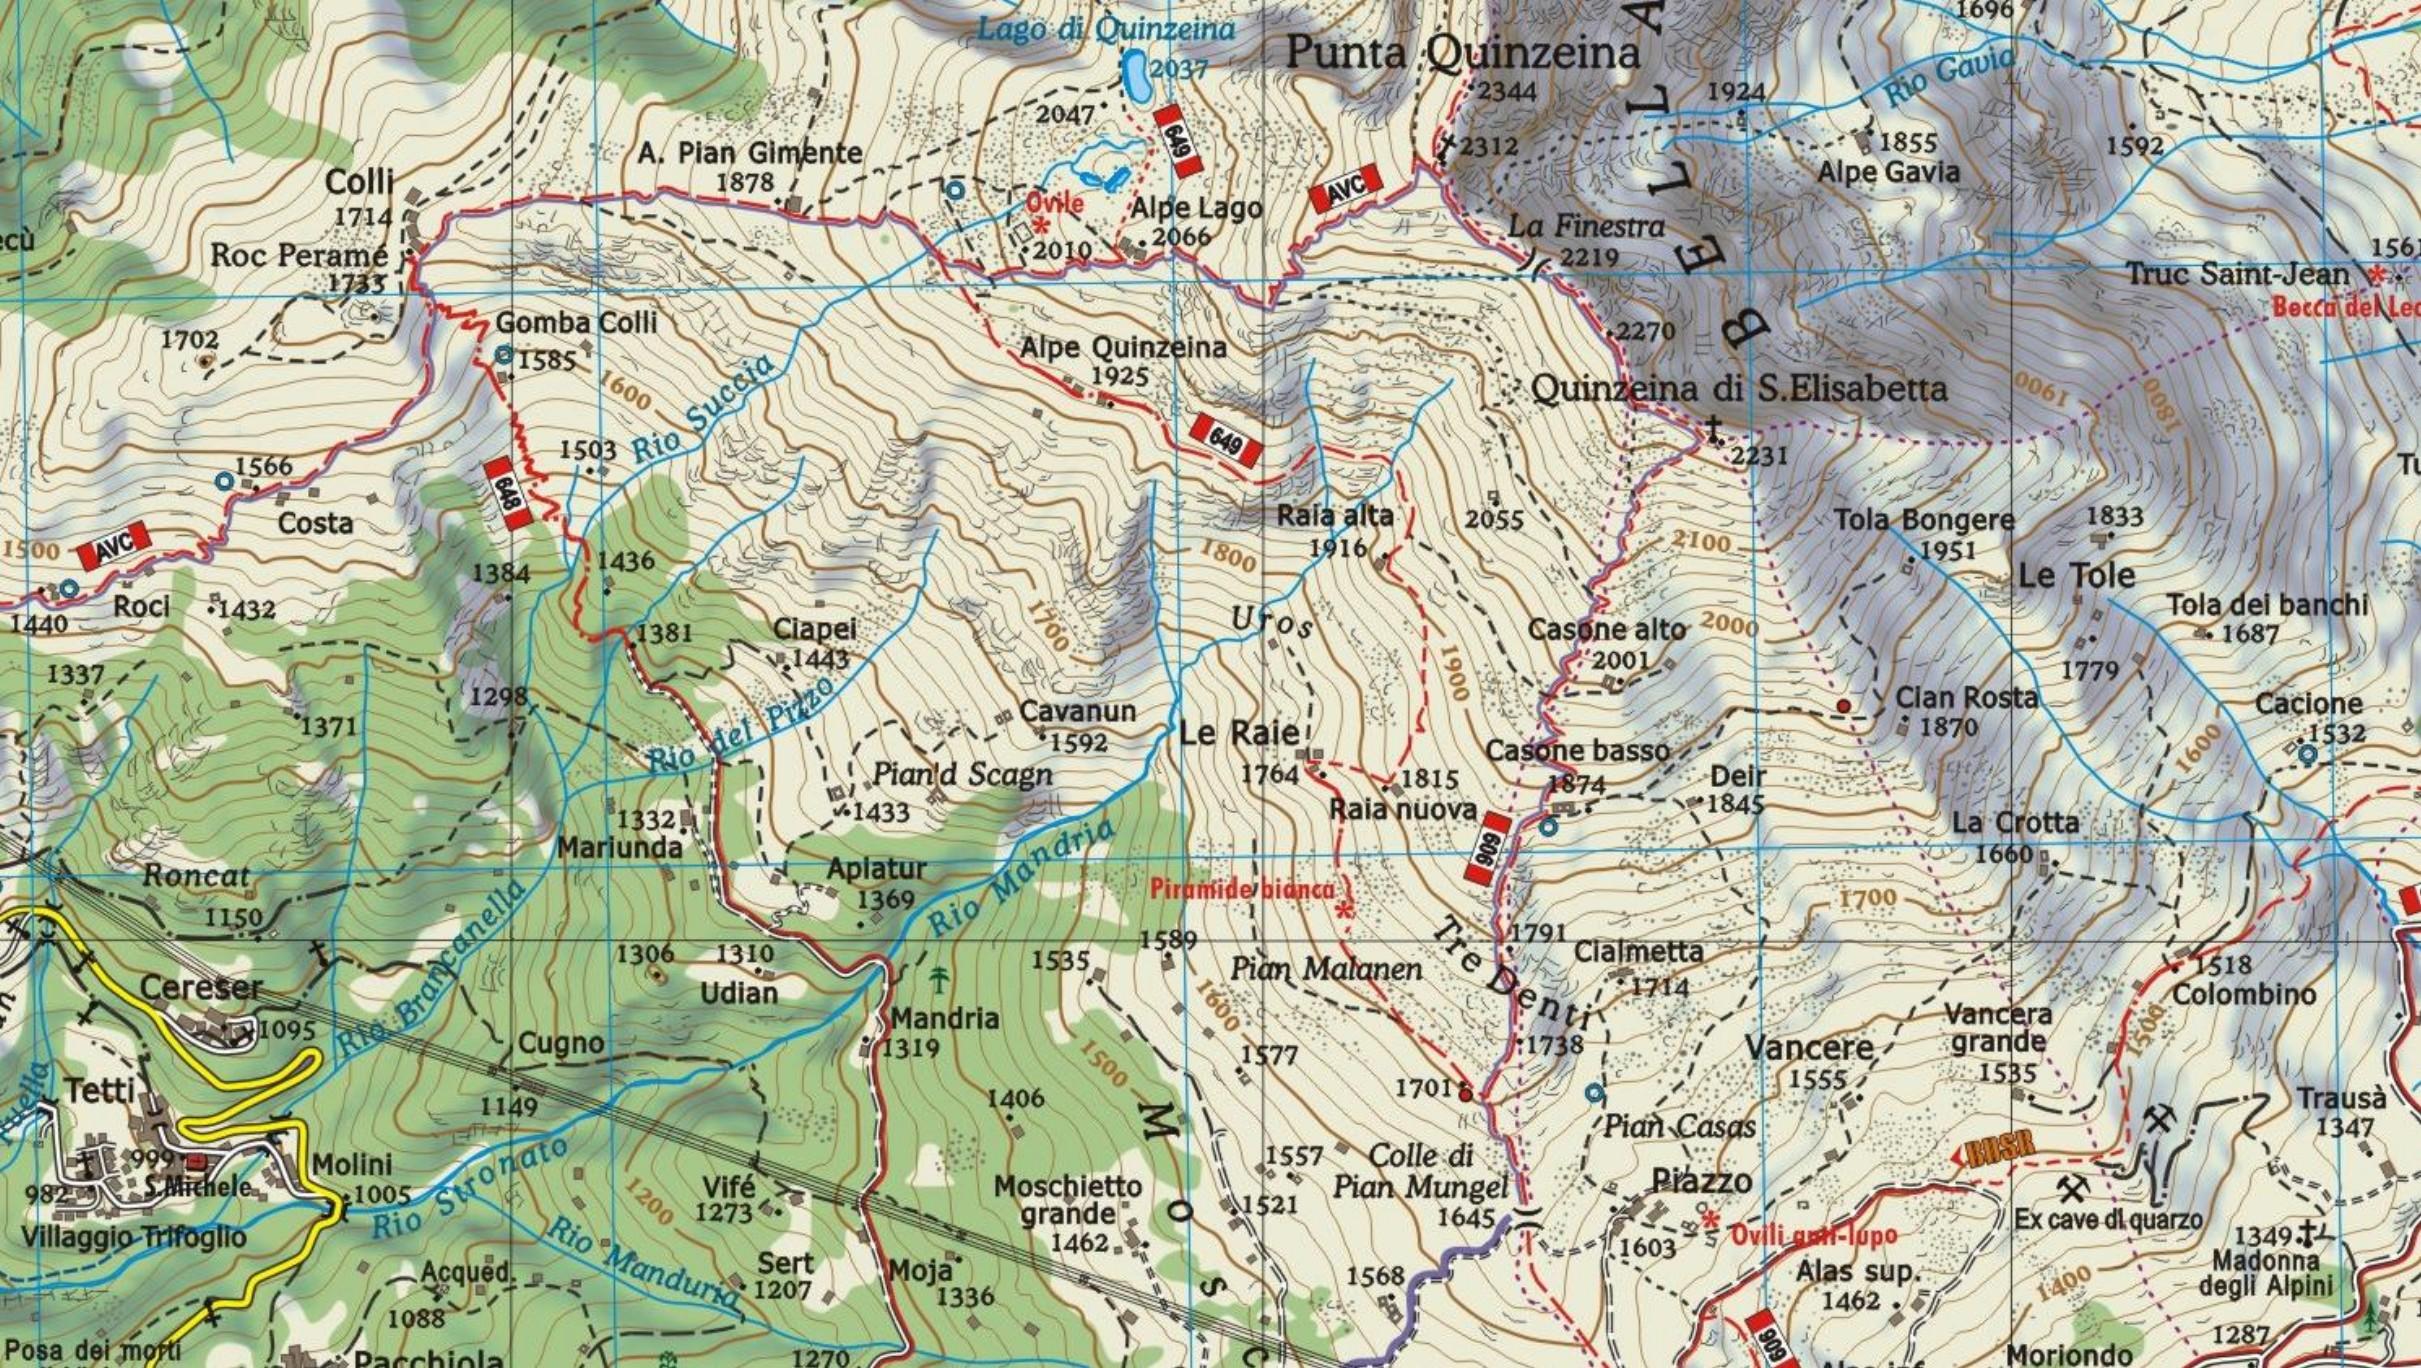 Bardonecchia Cartina Geografica.04 Carta Della Valle Sacra Mu Edizioni Carte Geografiche Per Escursionismo